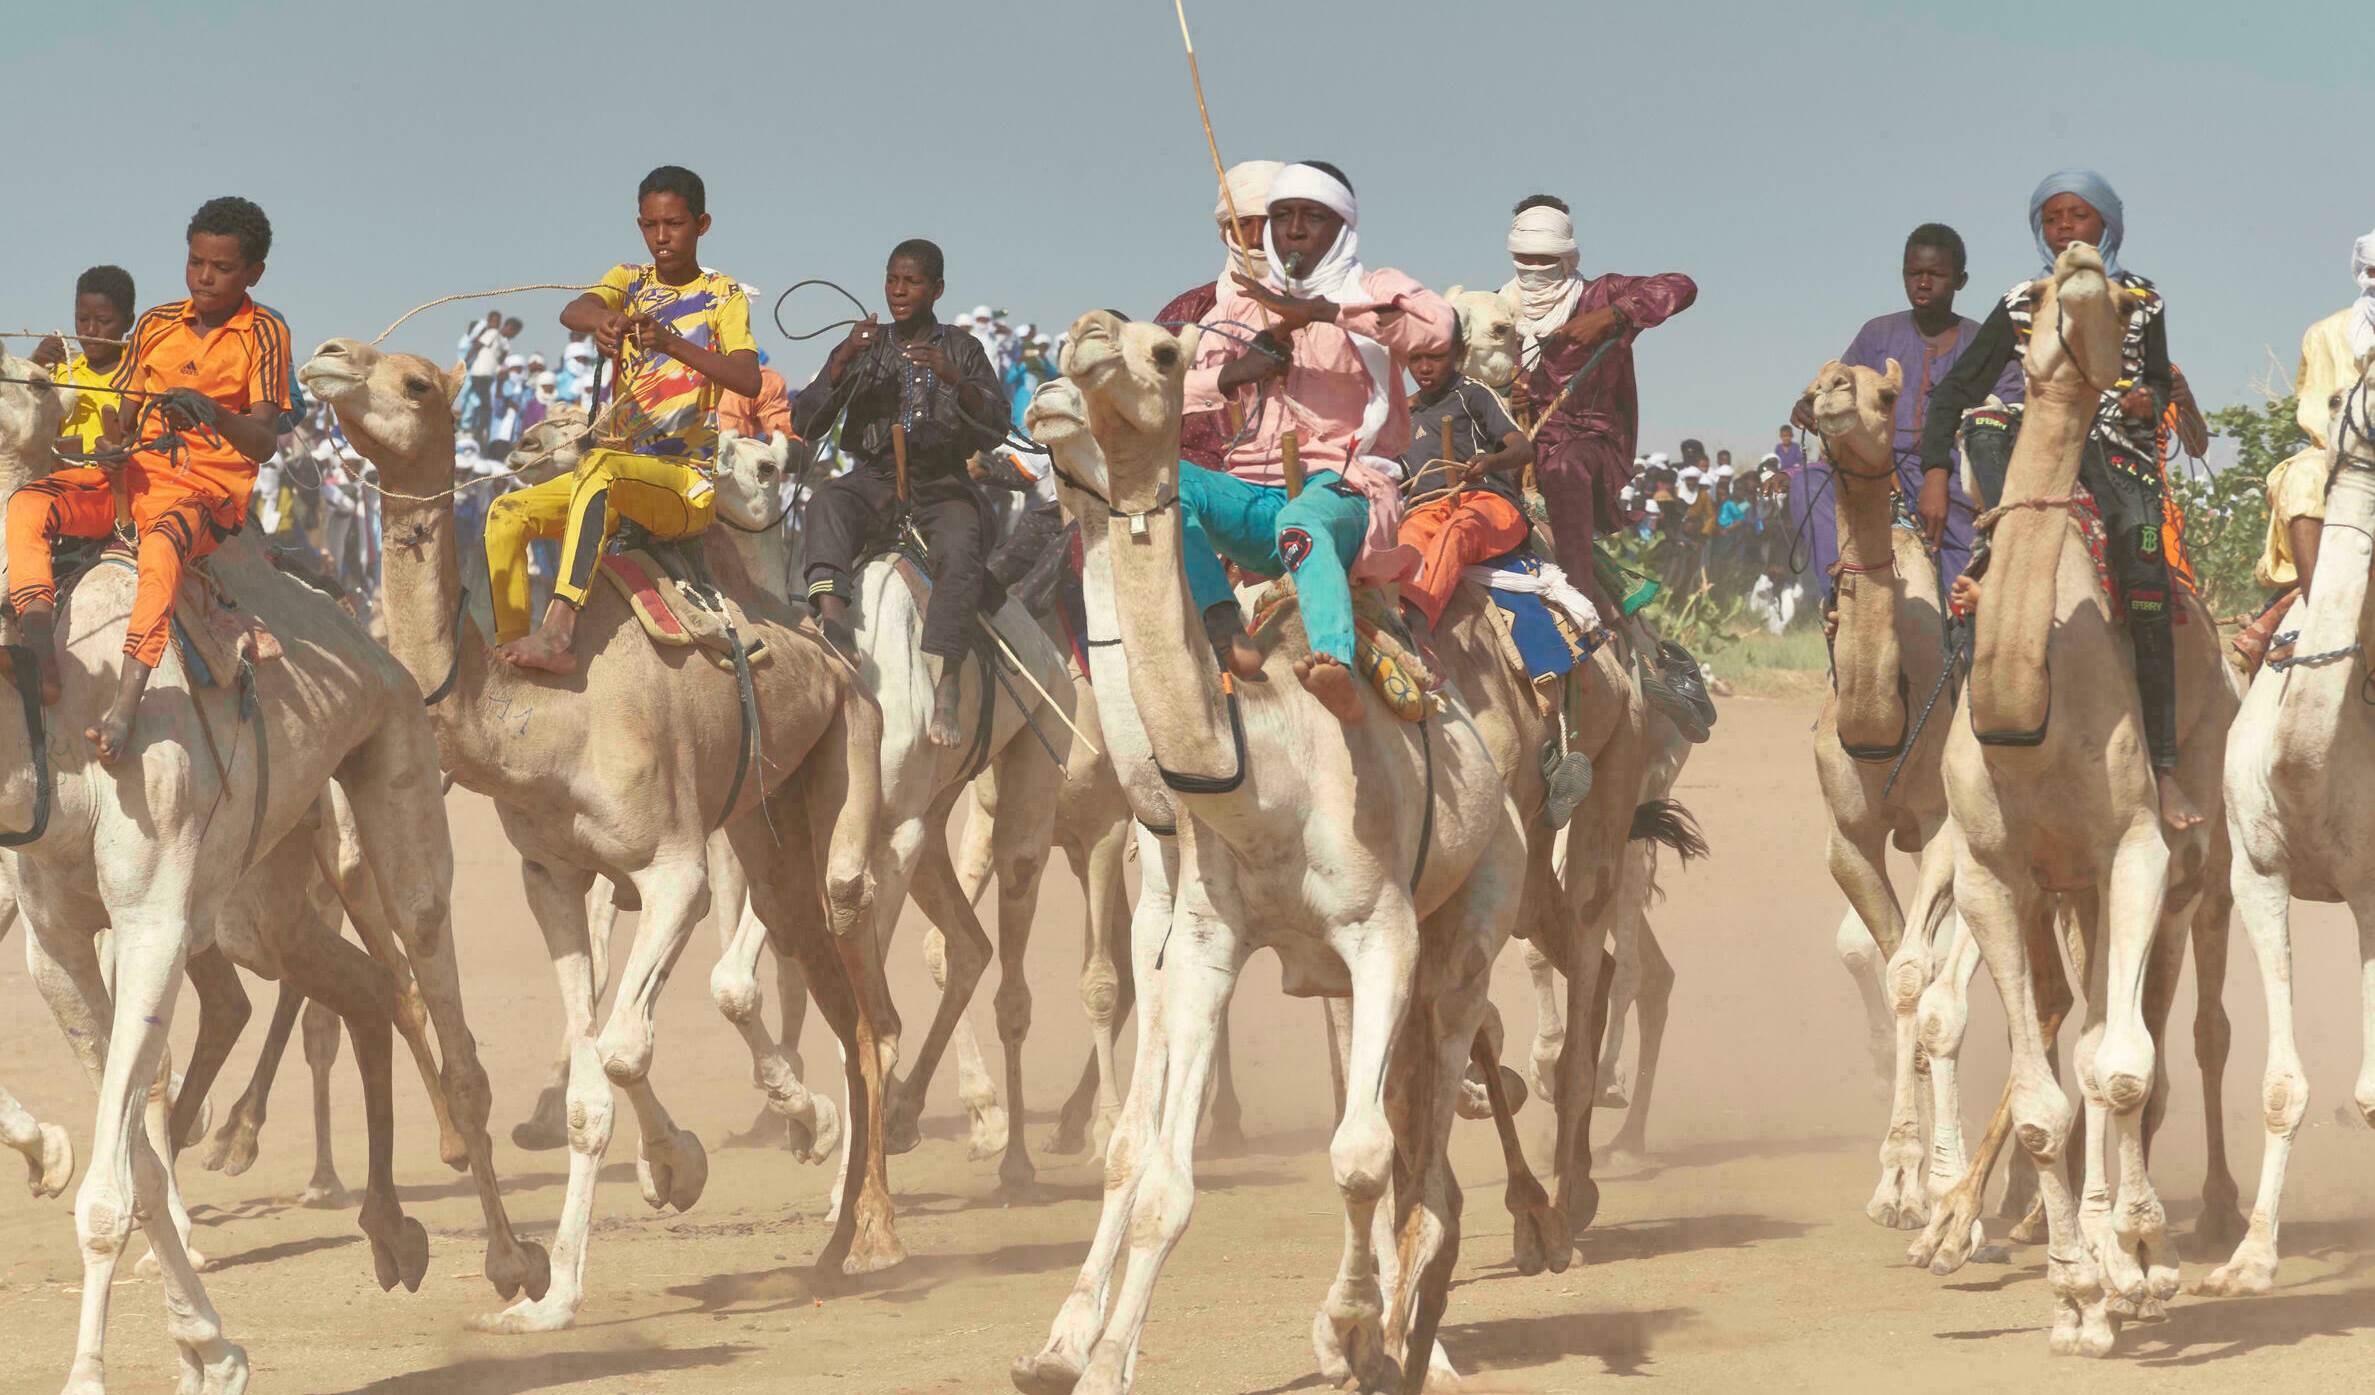 Moussa, velocidad y gloria en una de las principales carreras de camellos del Sahara